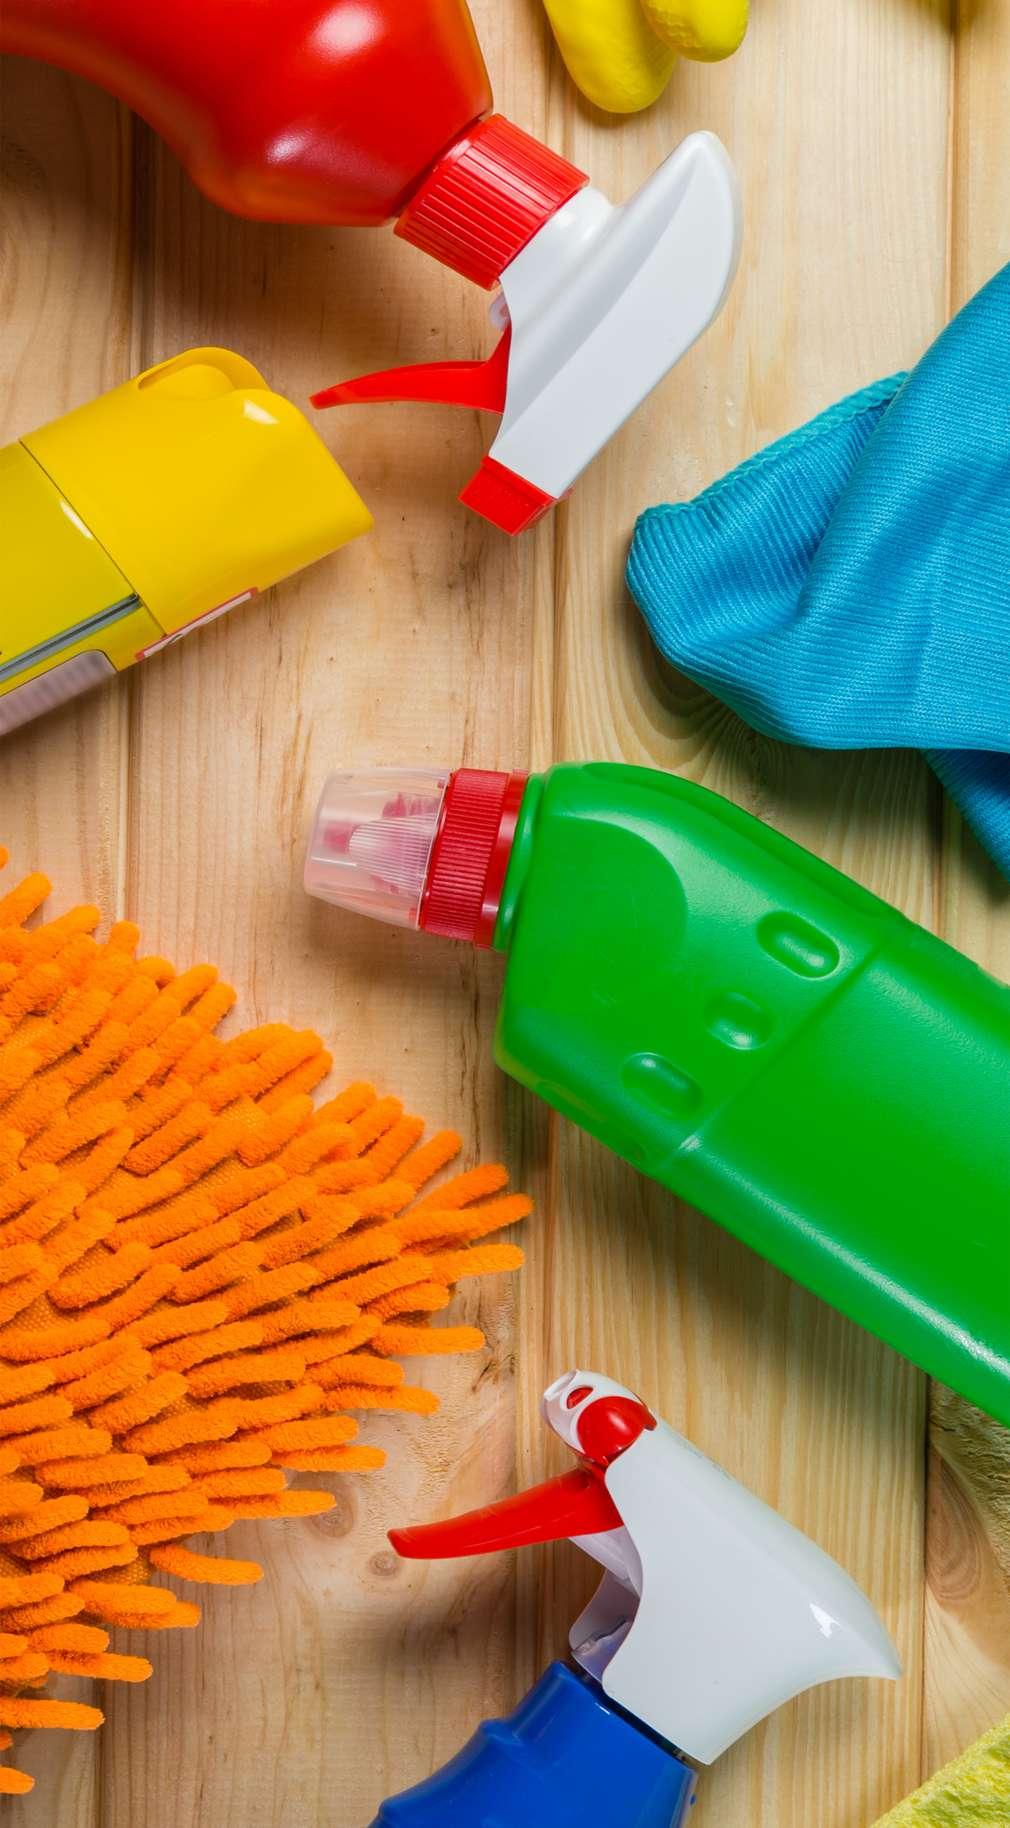 Produse pentru curățenie, detergenți